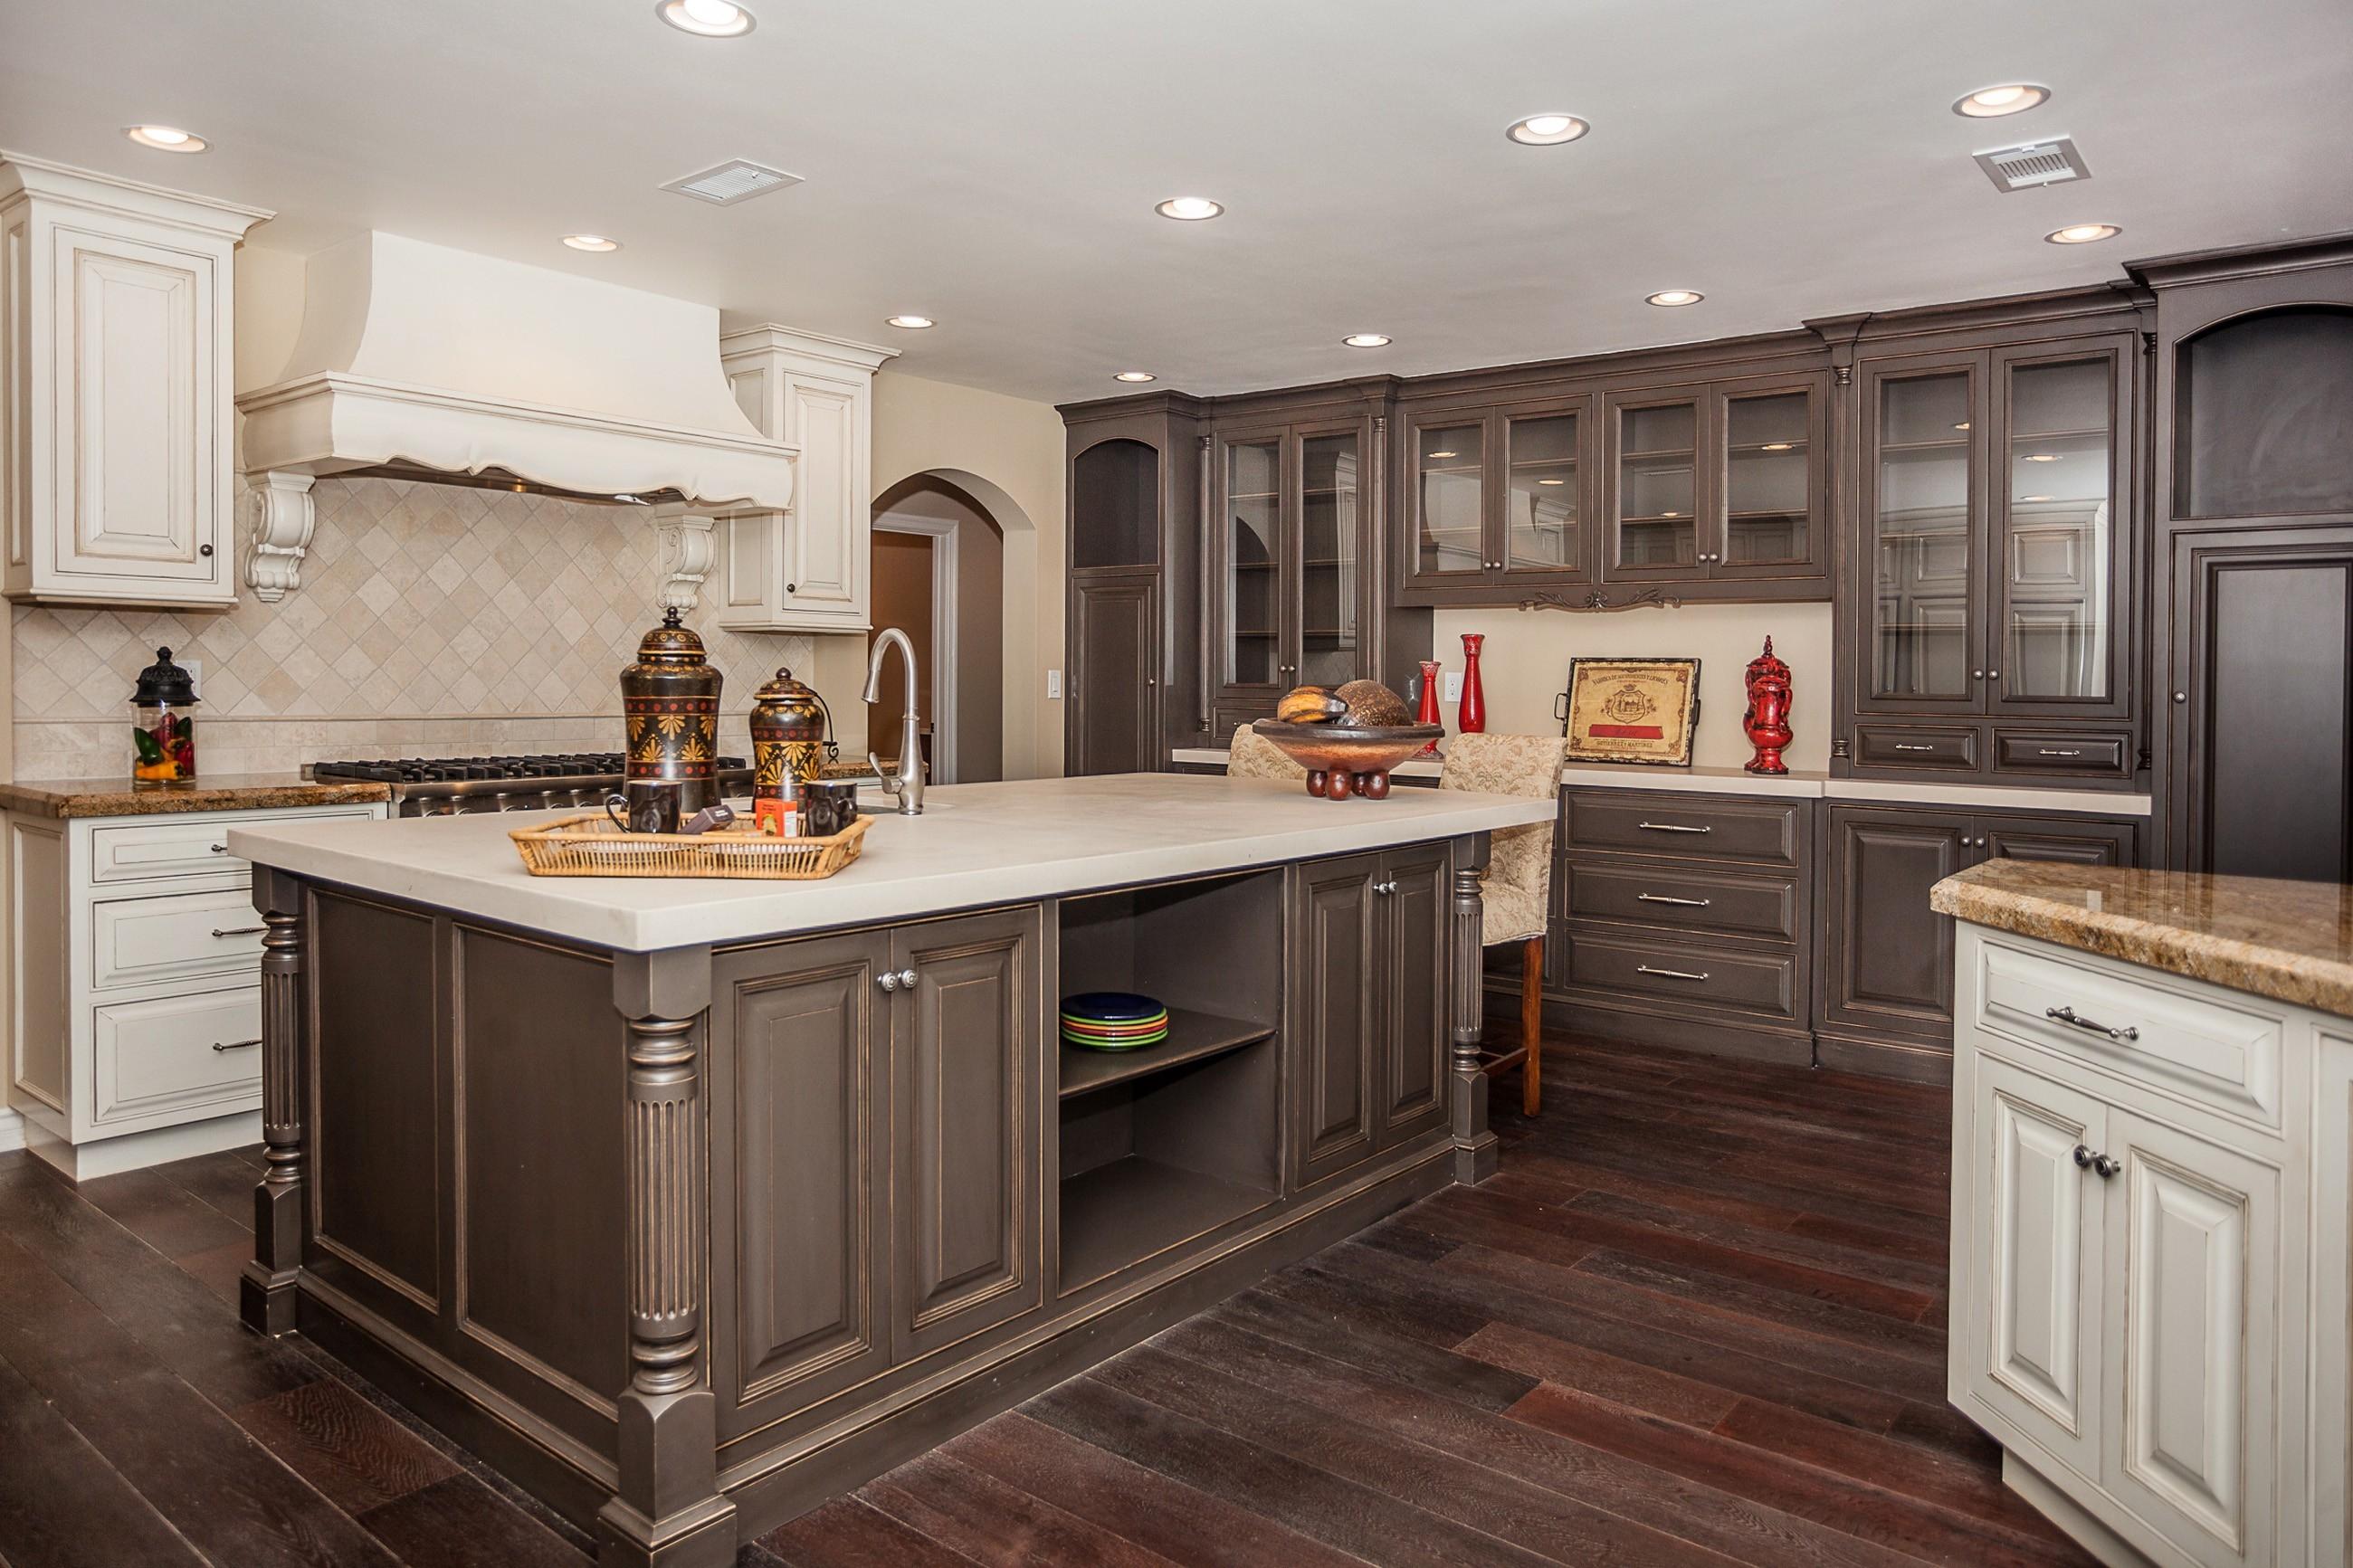 kitchen cabinet finishing ideas photo - 10